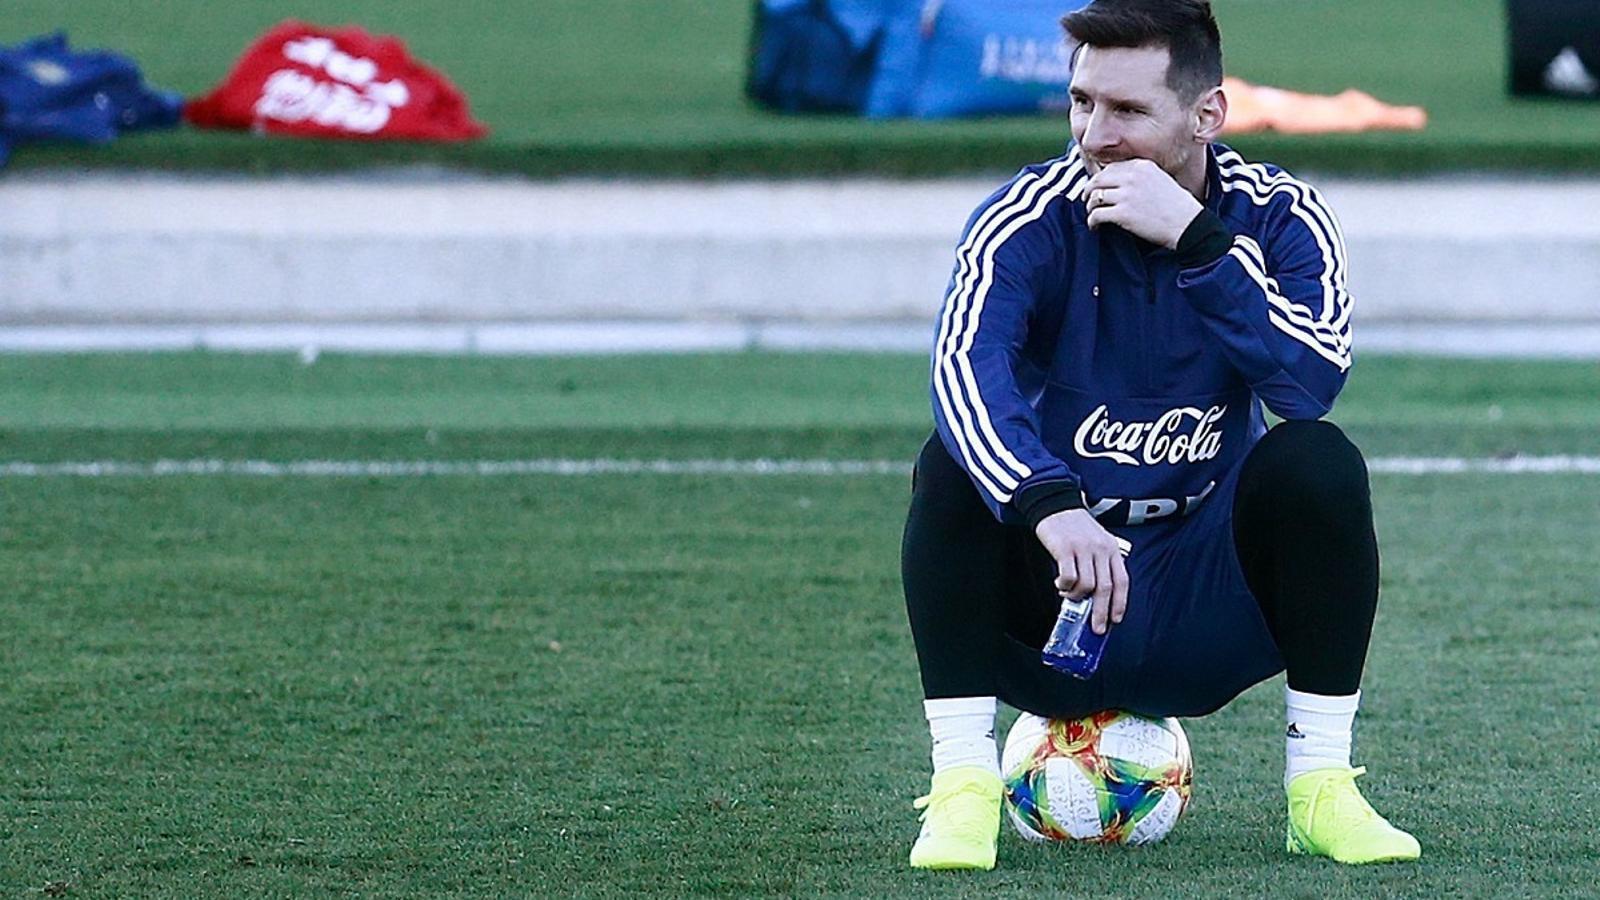 Leo Messi, durant un entrenament de la selecció argentina